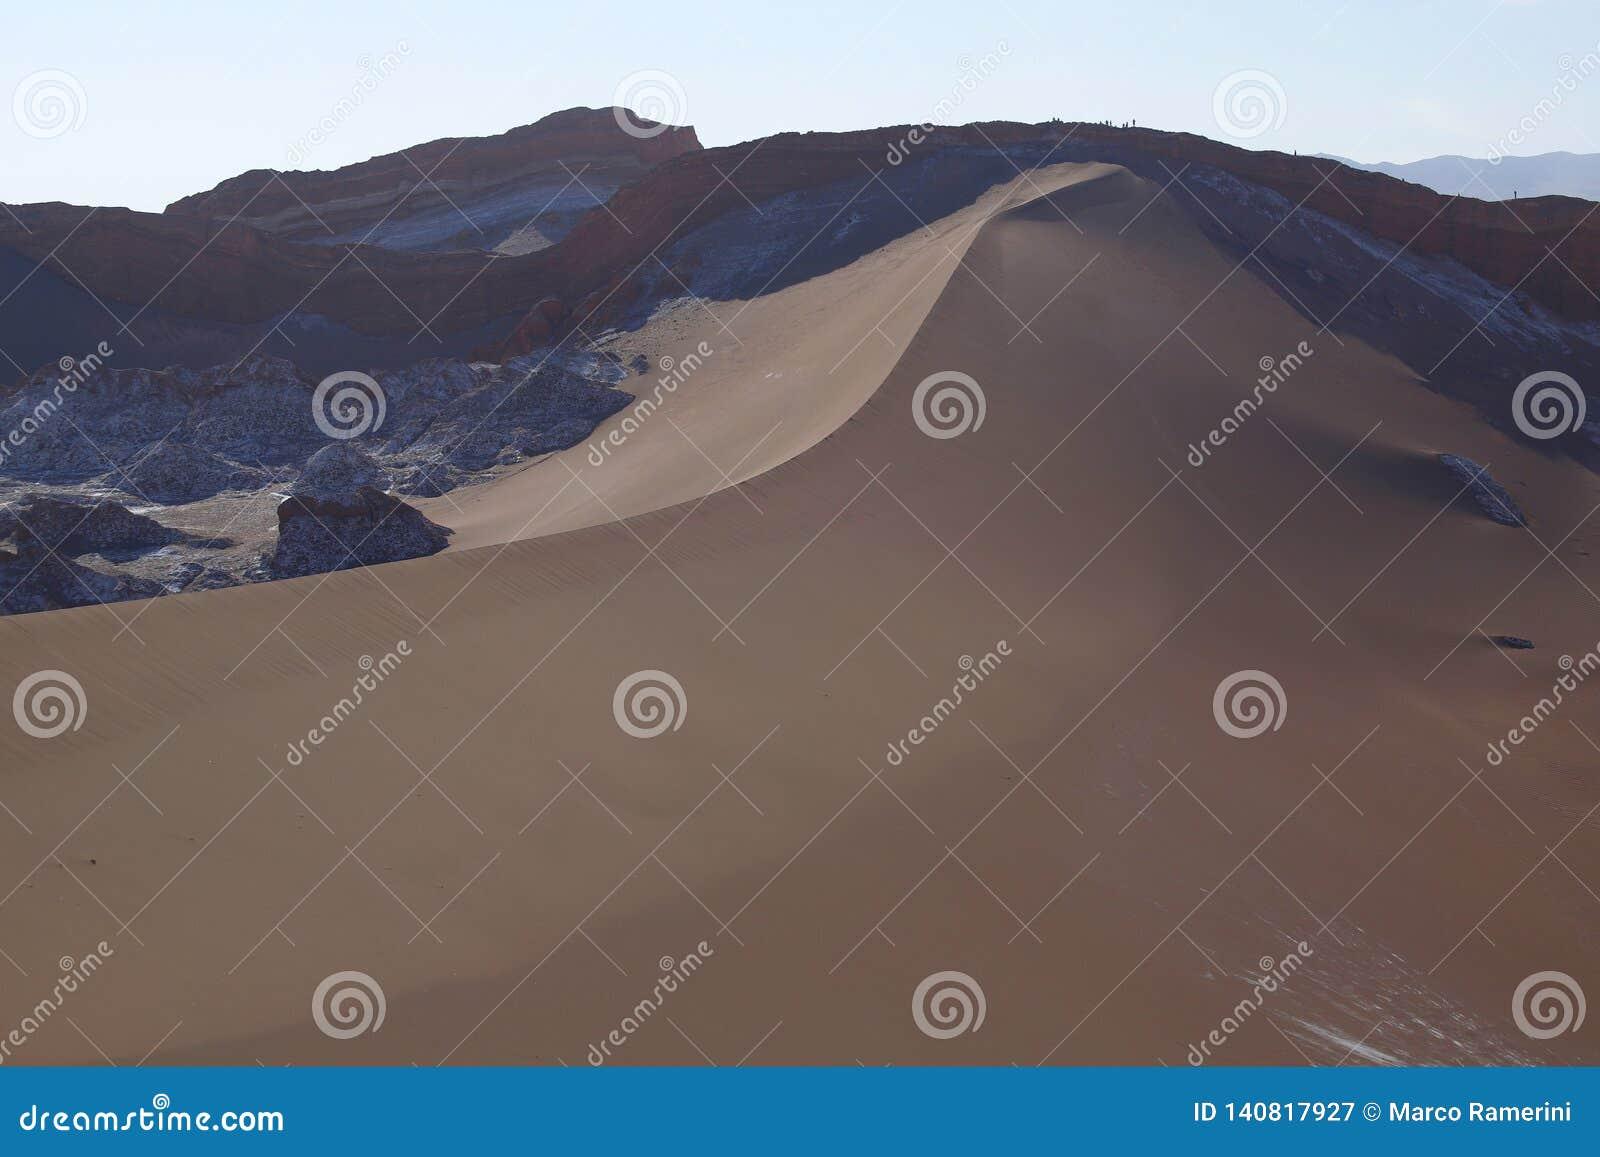 La Luna de Valle de - vale da lua e dos vulcões cobertos de neve, deserto de Atacama, o Chile